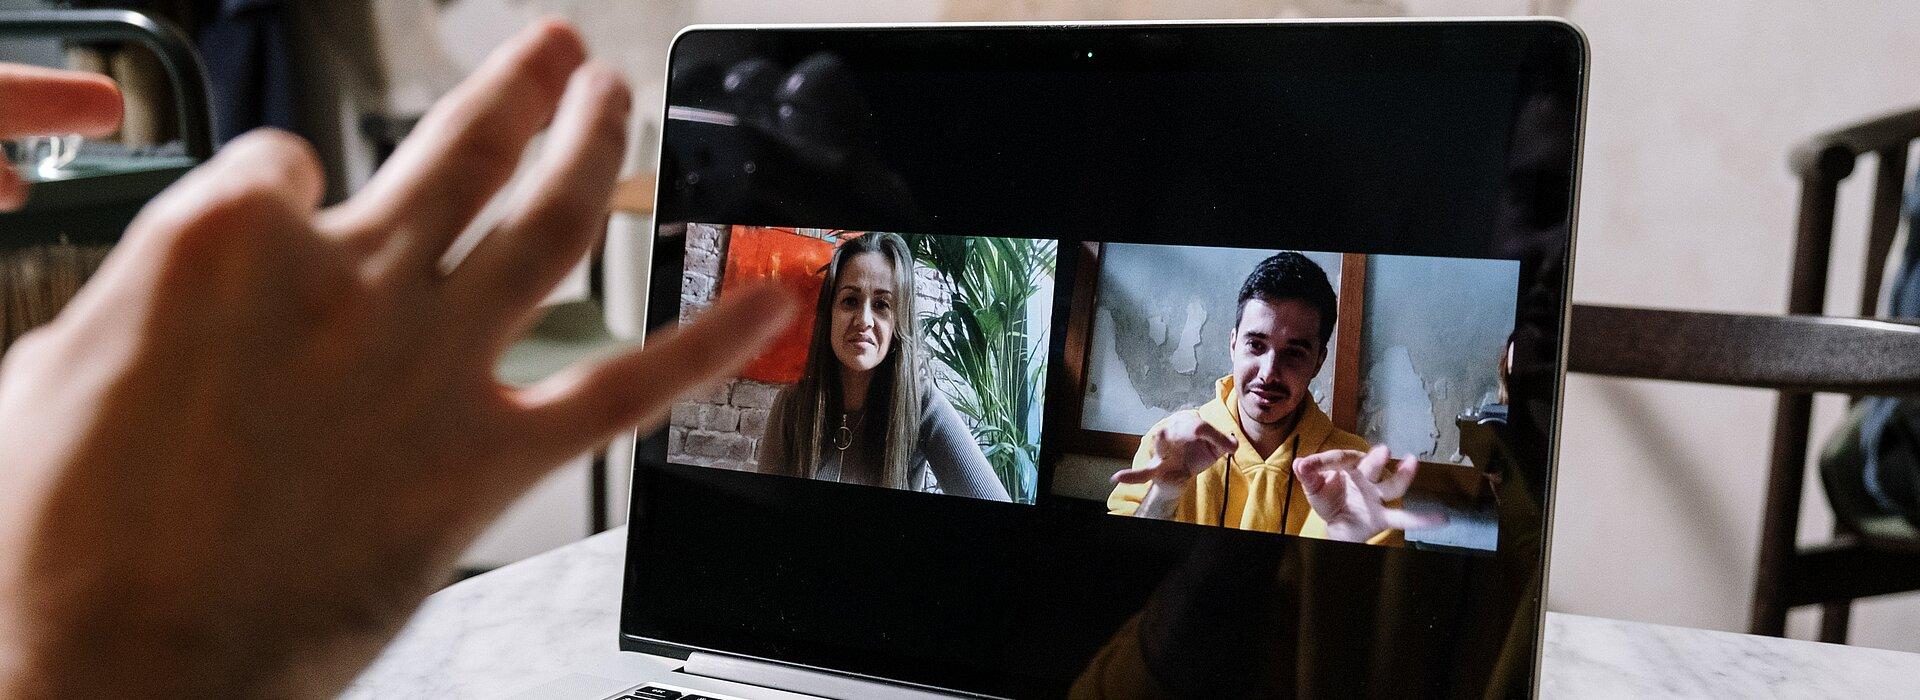 A imagem mostra um homem em uma videochamada com uma menina, eles estão converrsando em libras e a foto foca no notebook, mostrando a conversa.